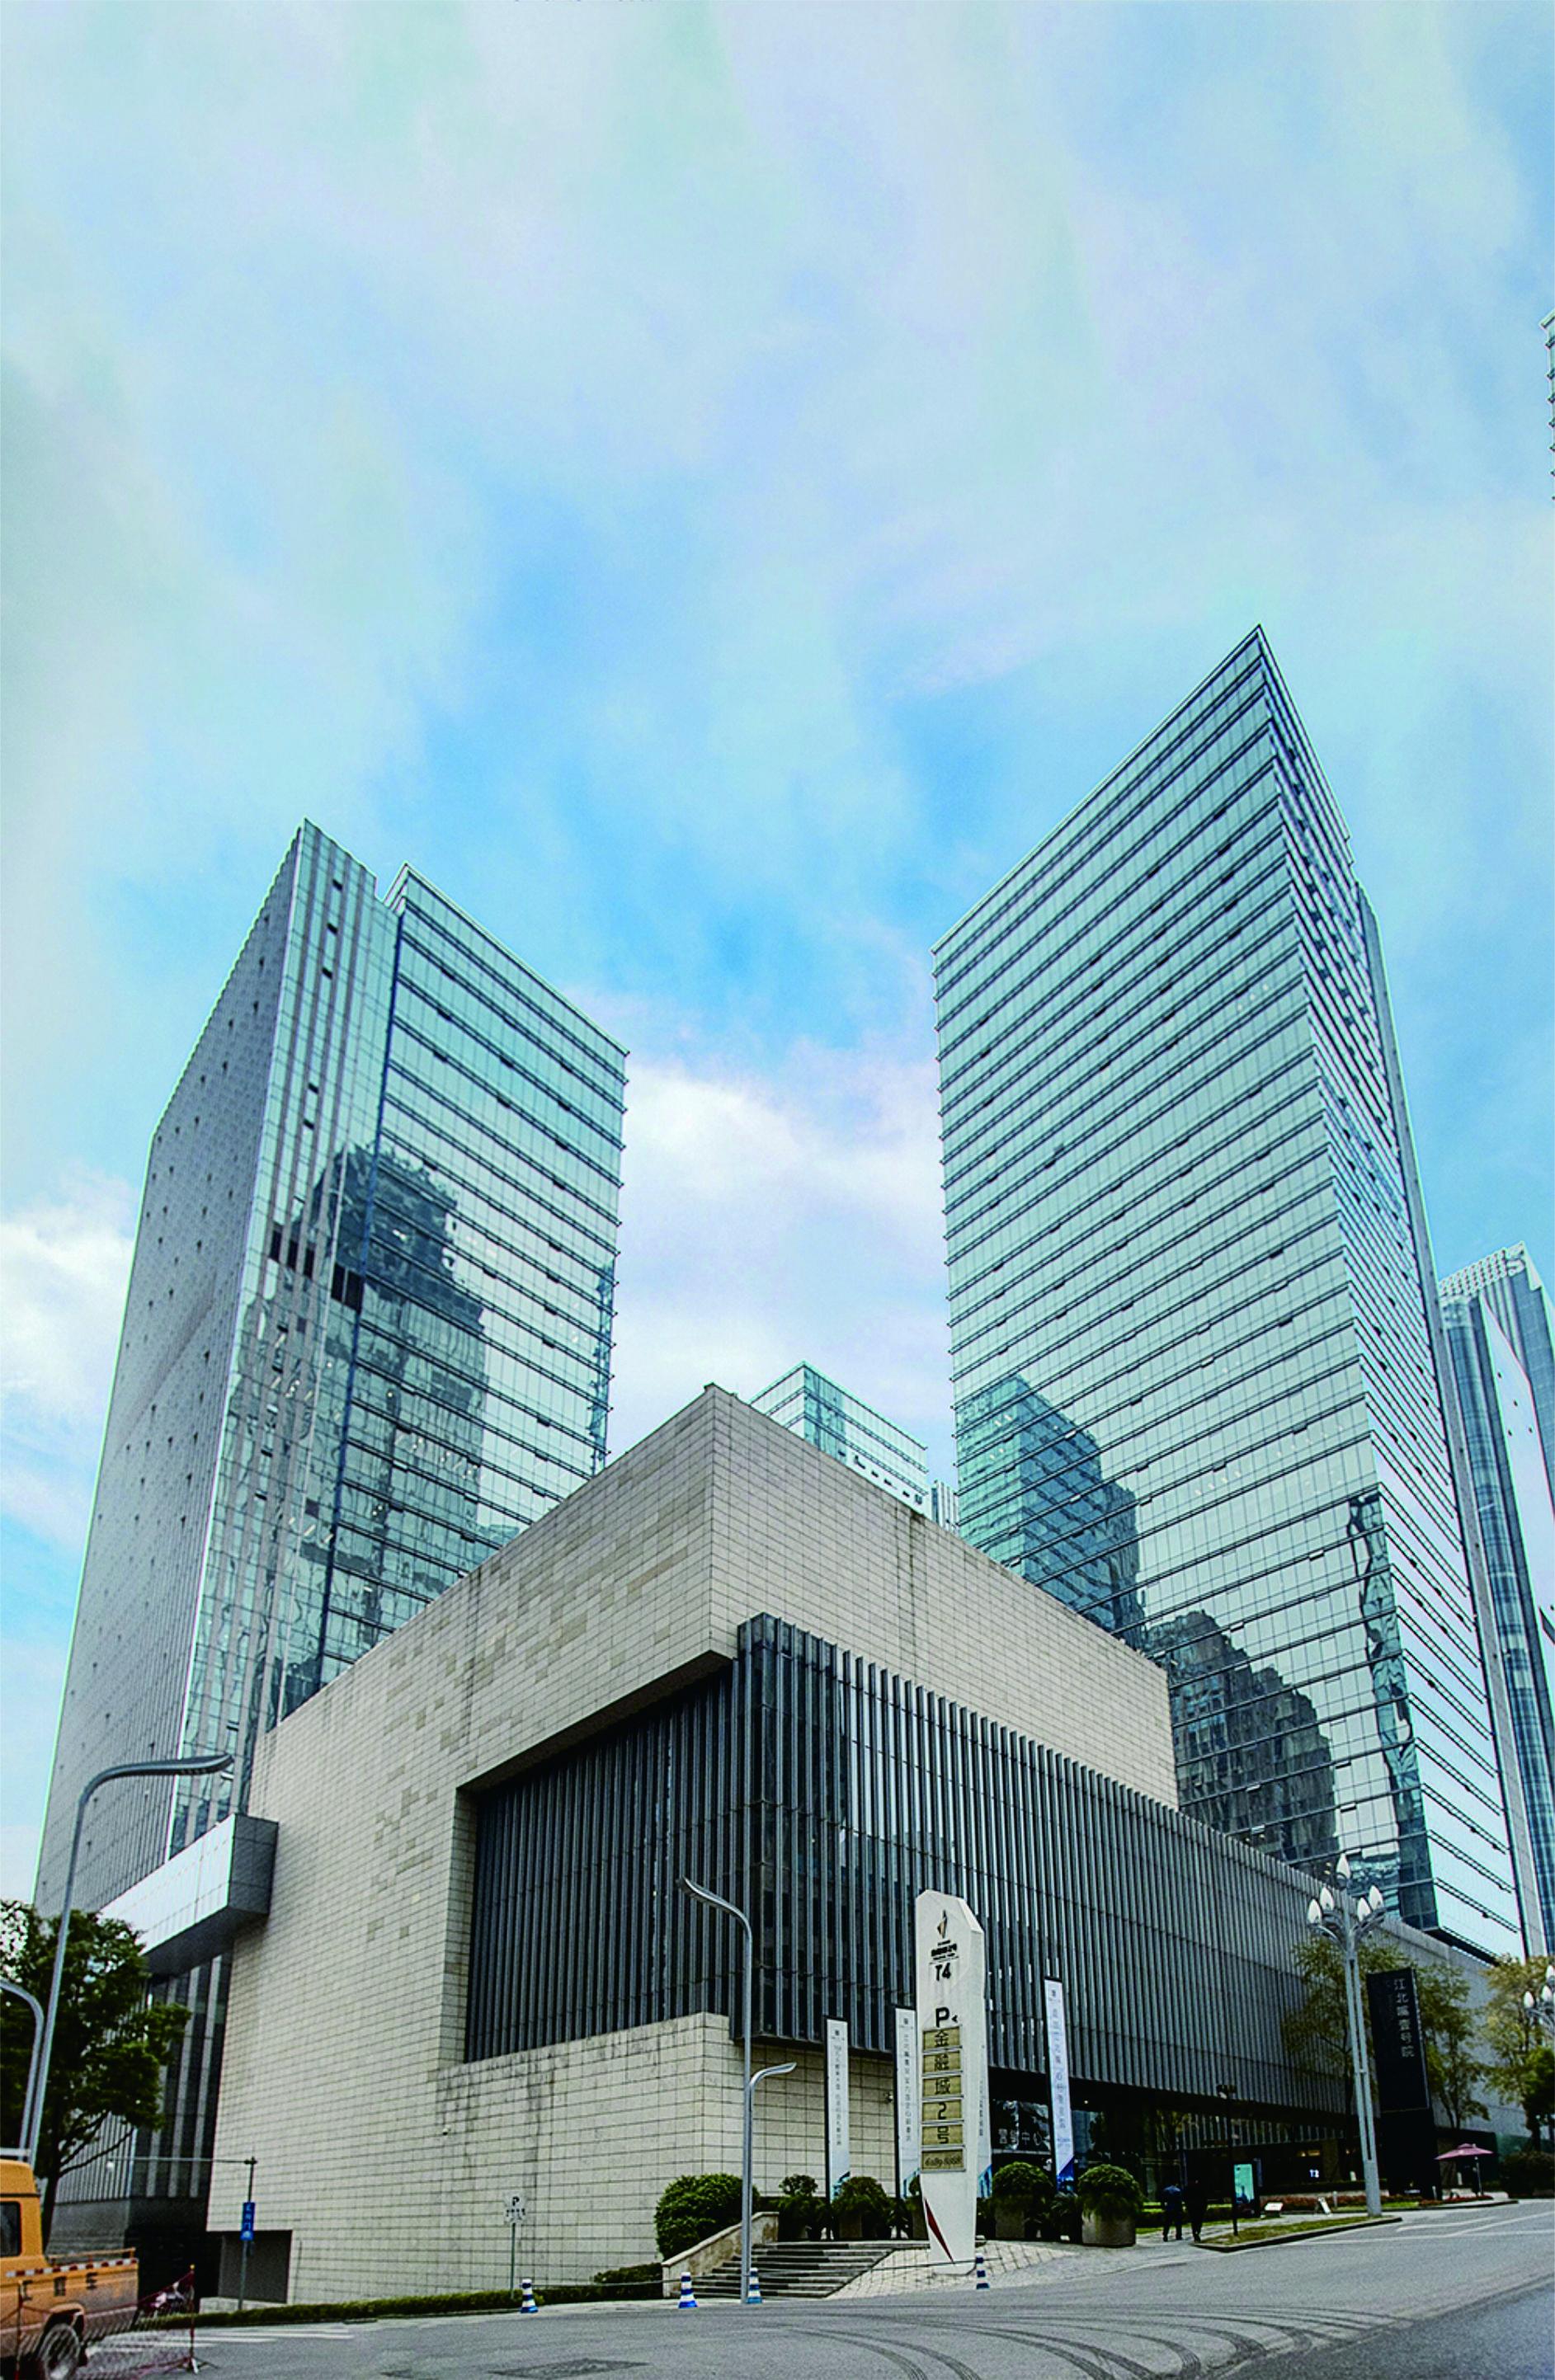 西南证券总部大楼